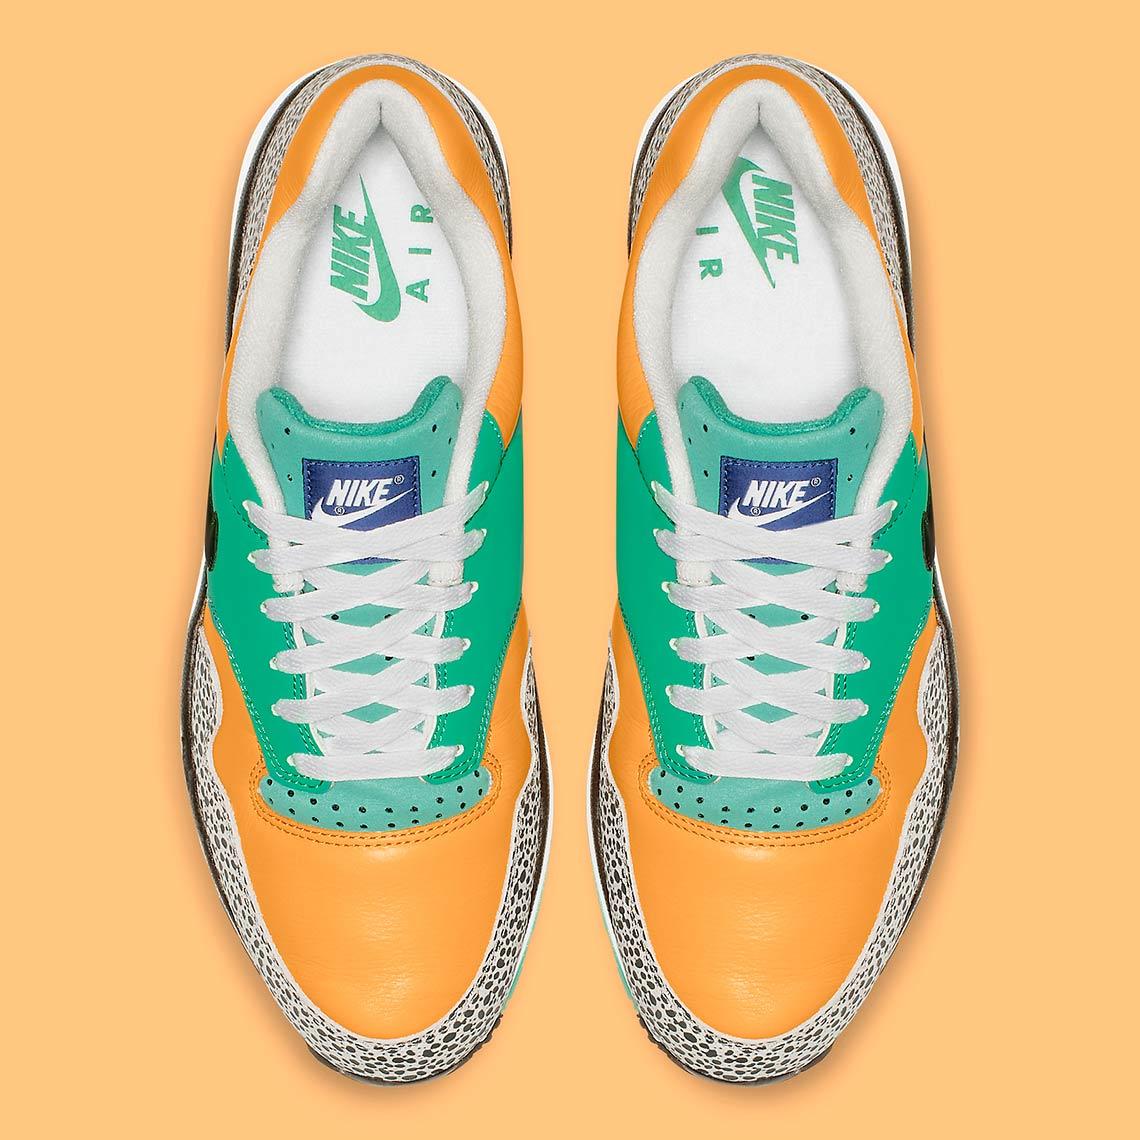 6709f7733fdd Nike Air Safari Green + Yellow AO3298-300 Release Info